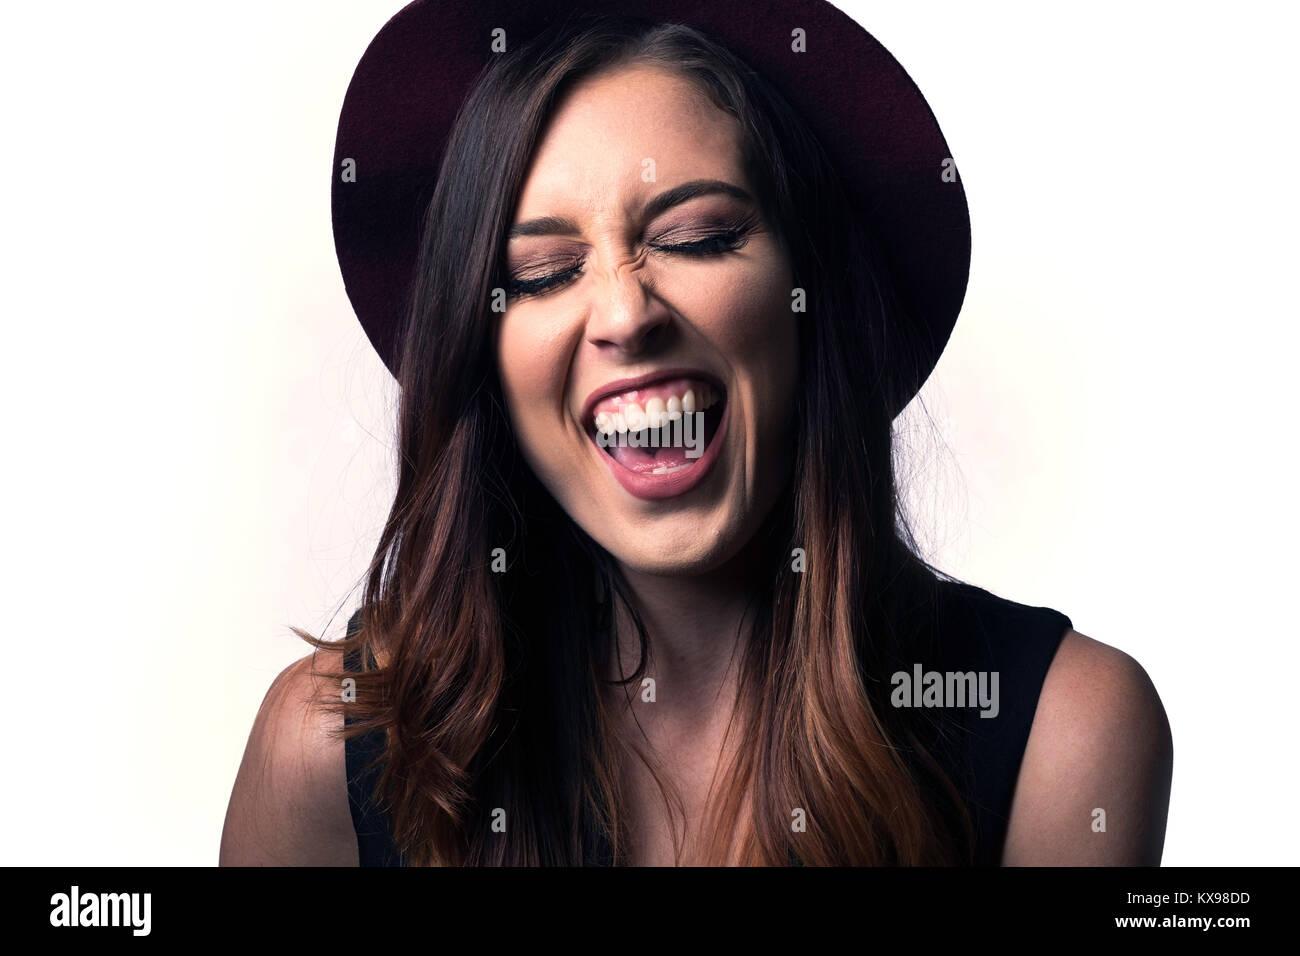 Giovane donna in hat ridere giocando su sfondo bianco Foto Stock